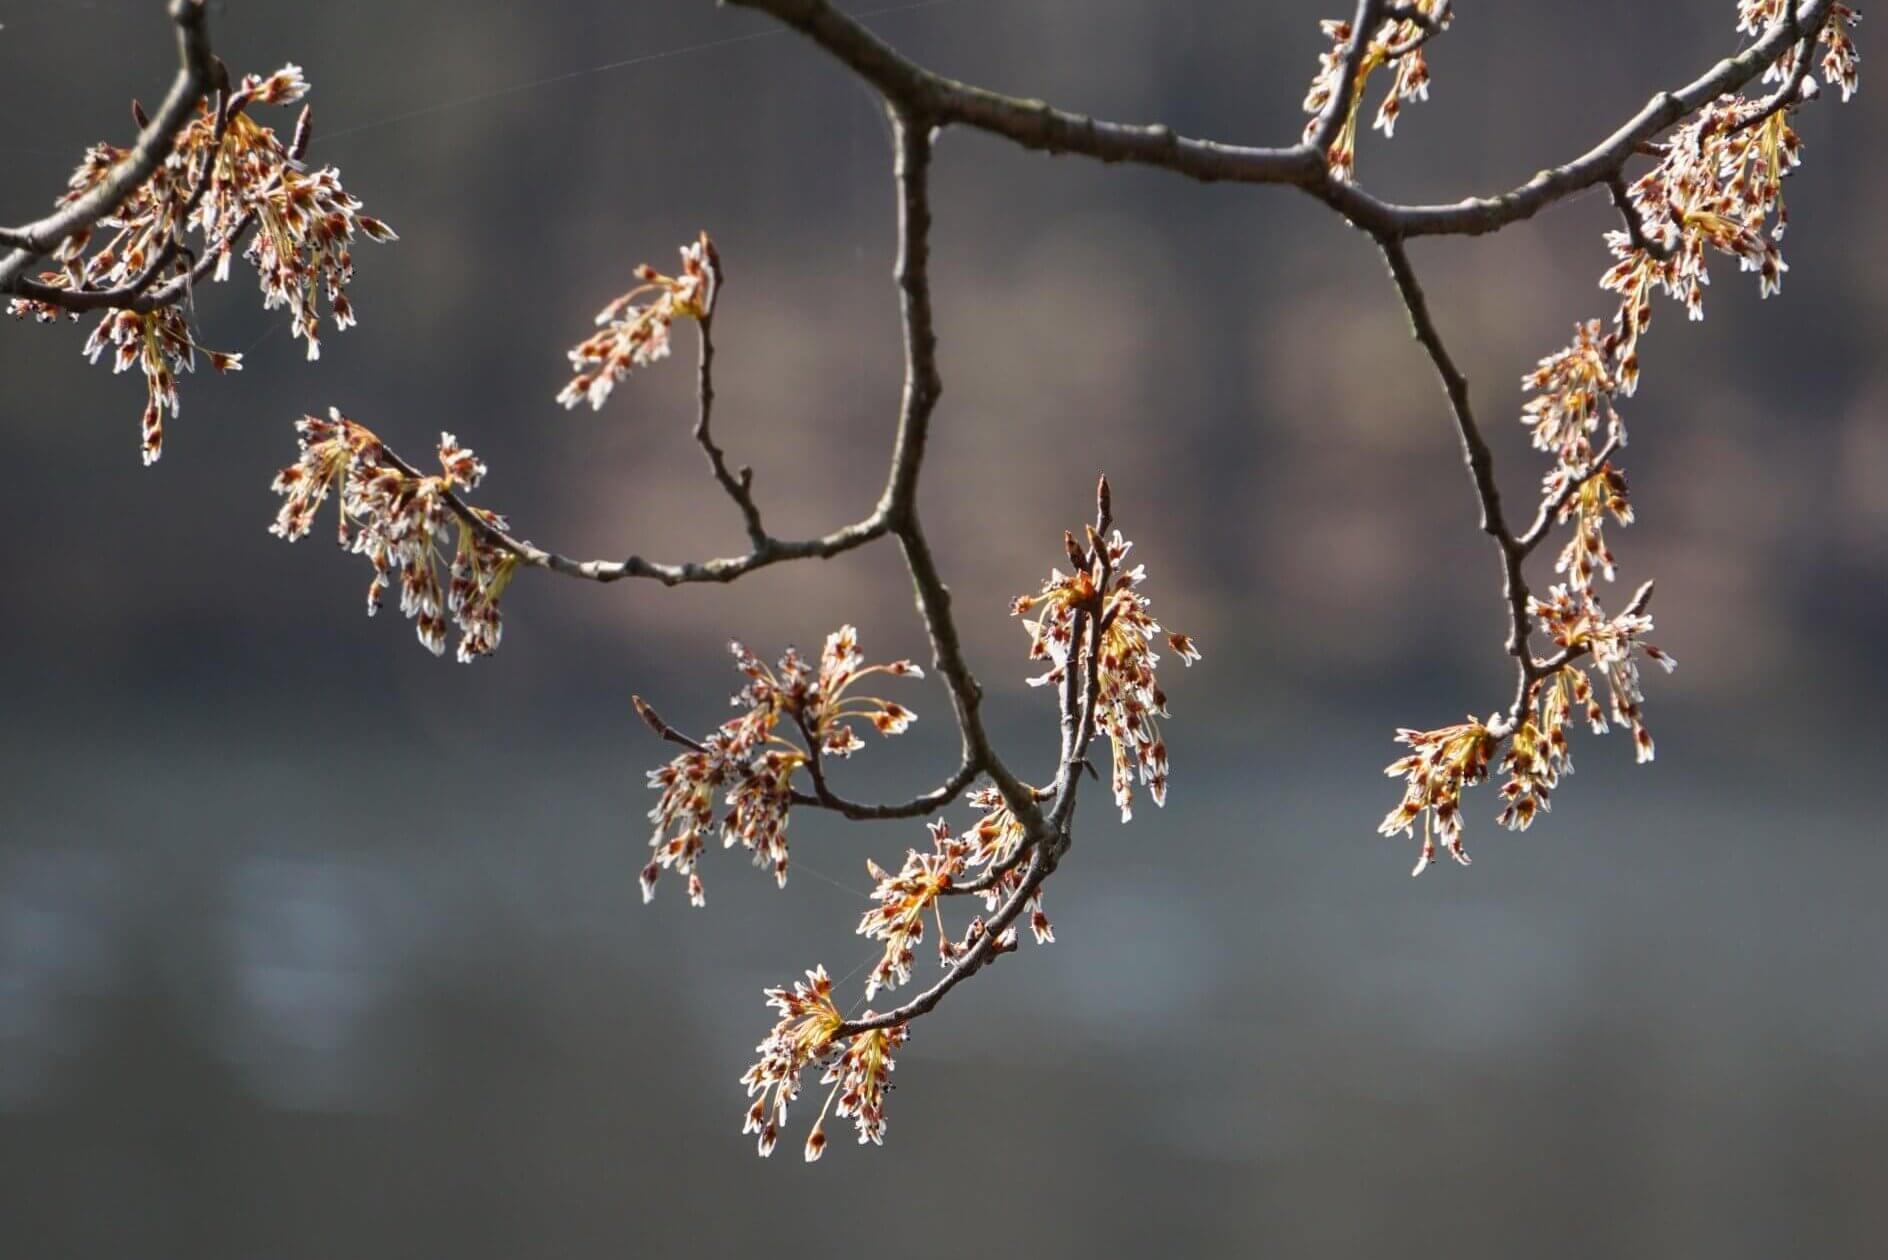 Das Bild zeigt die Blütenstände einer Flatter-Ulme an über dem Wasser hängenden Zweigen an der Kleinen Krampe bei Müggelheim.